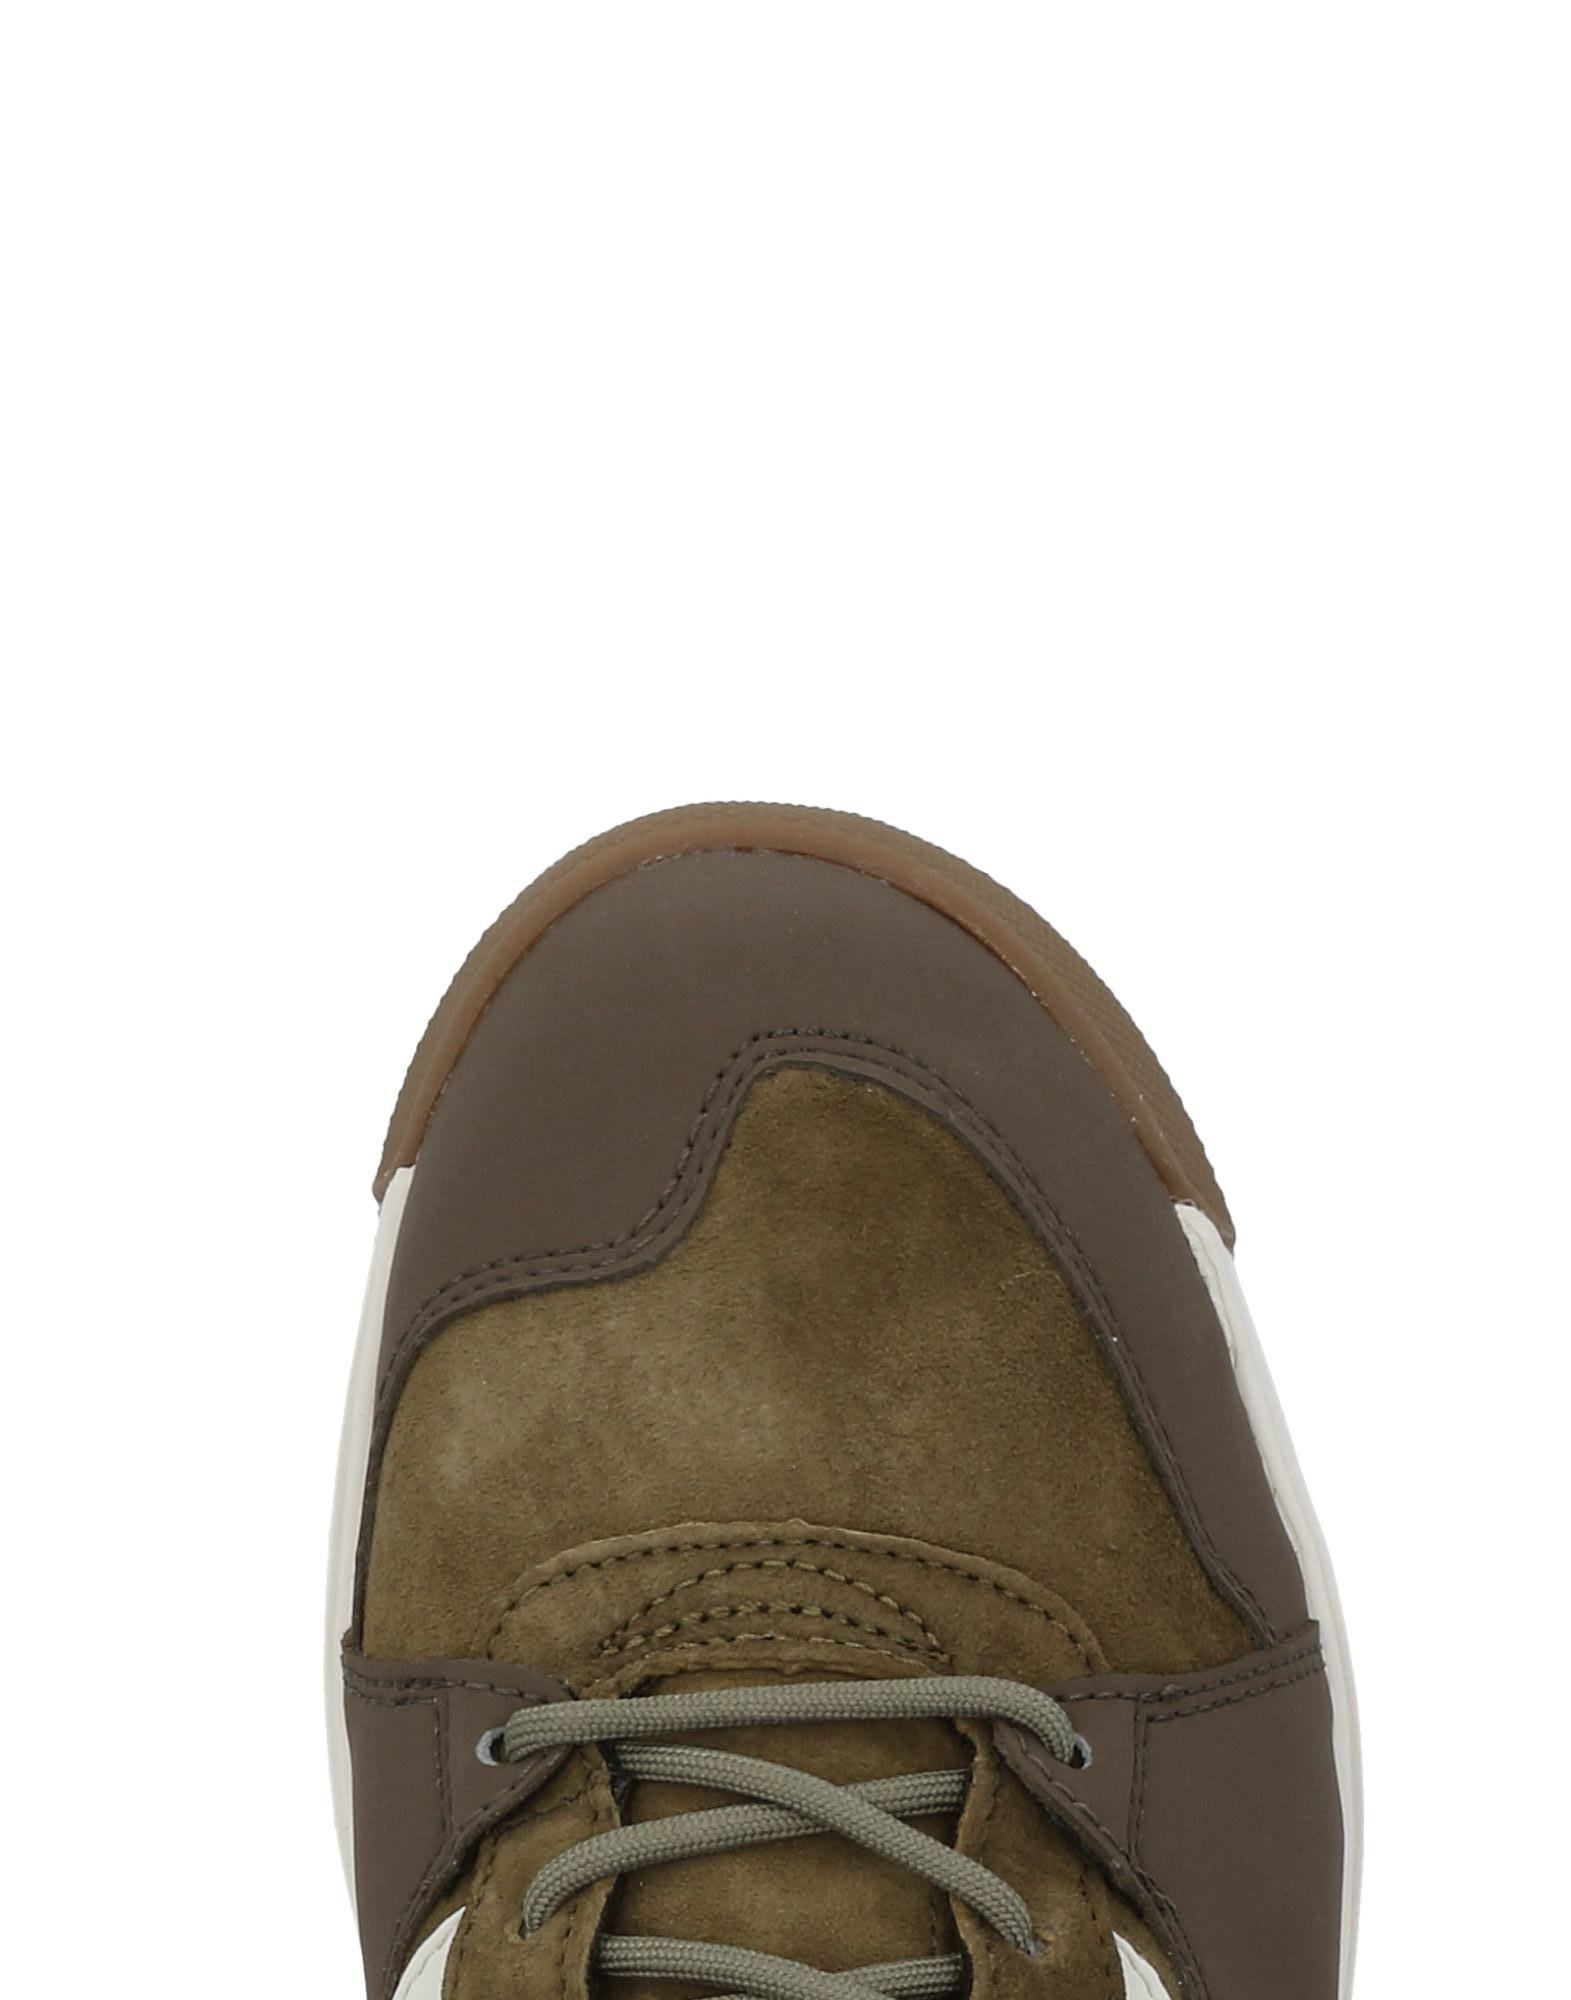 Vans Gute Sneakers Herren  11490766VO Gute Vans Qualität beliebte Schuhe f1aa8a